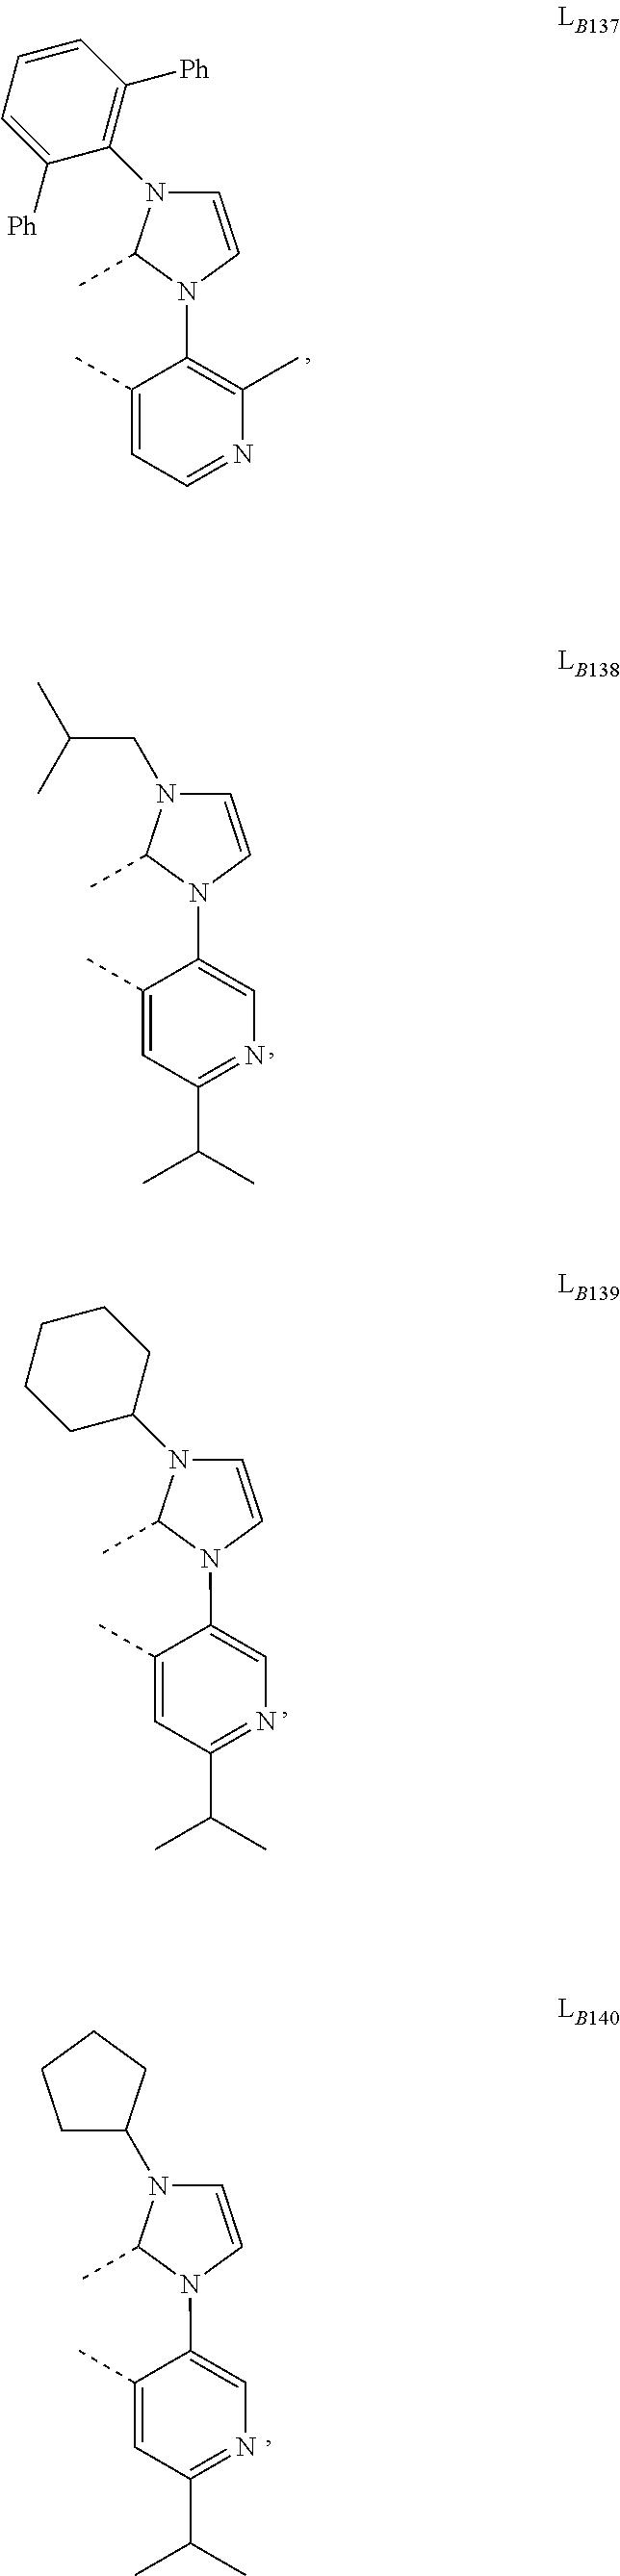 Figure US09905785-20180227-C00134